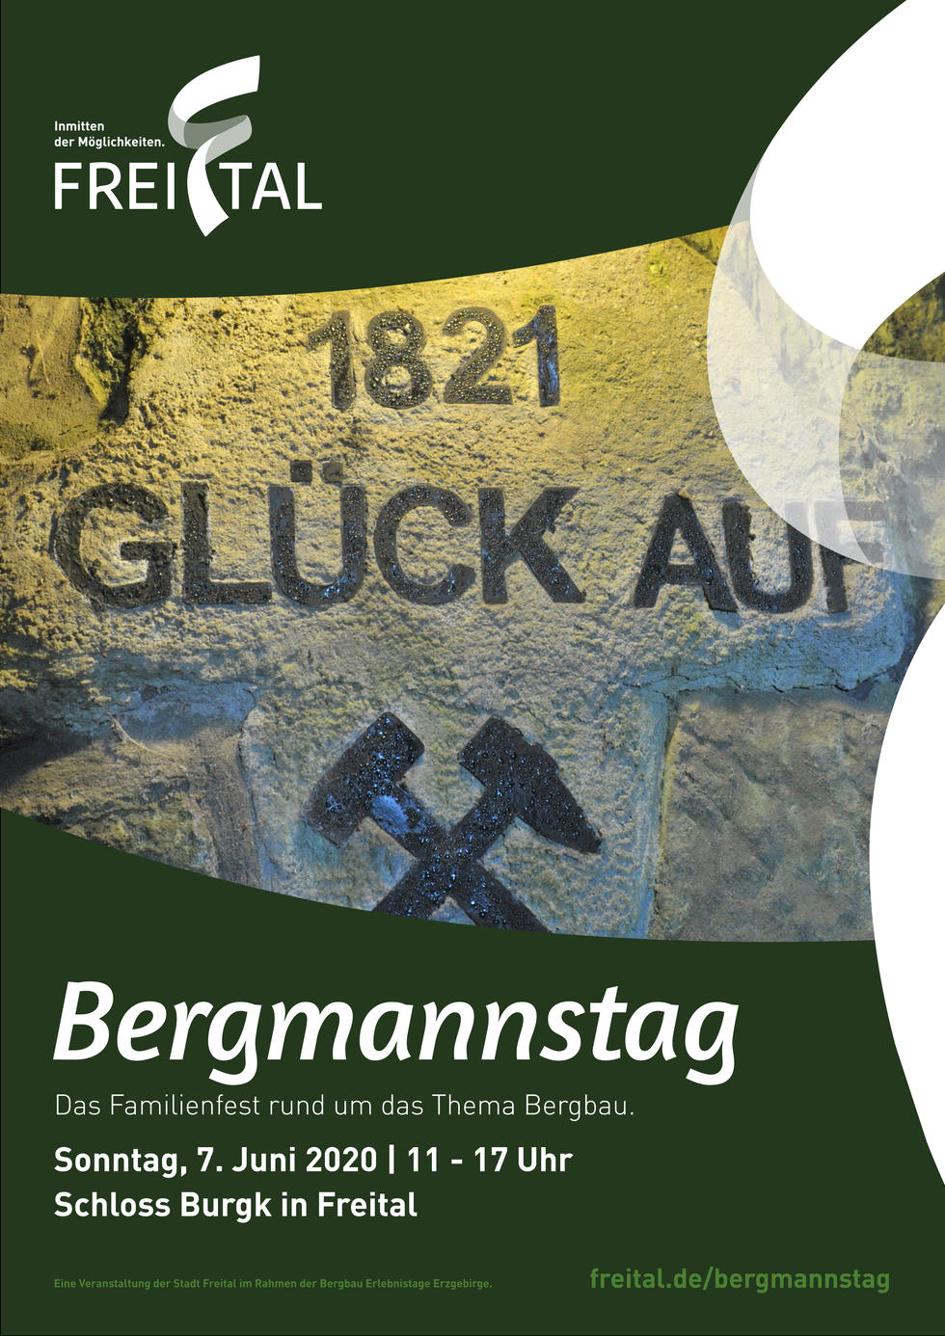 06.06.2022 Bermannstag auf Schloß Burgk